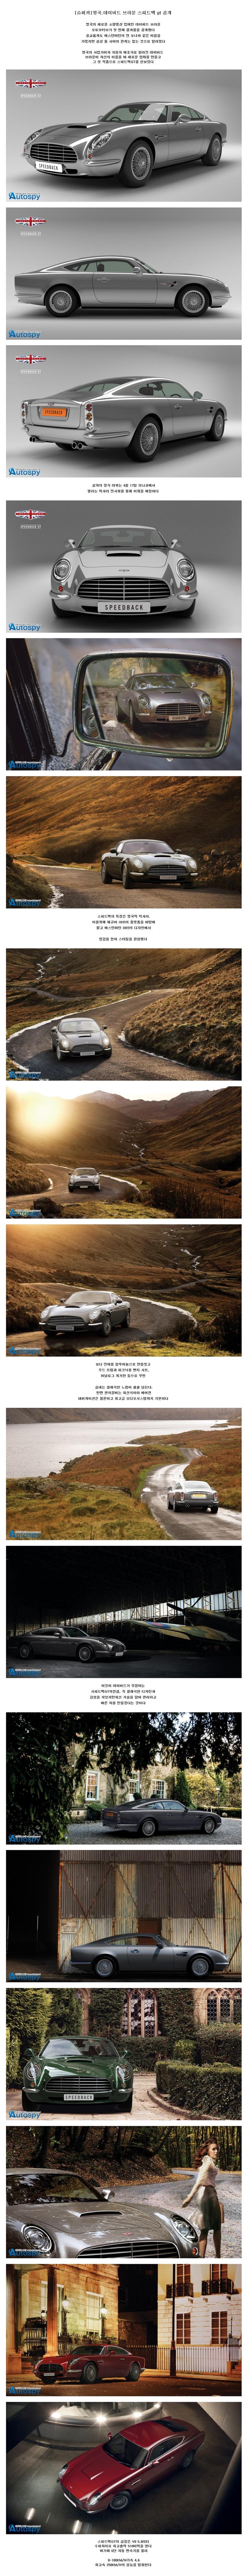 영국 / 데이비드 브라운 / 스피드백 GT